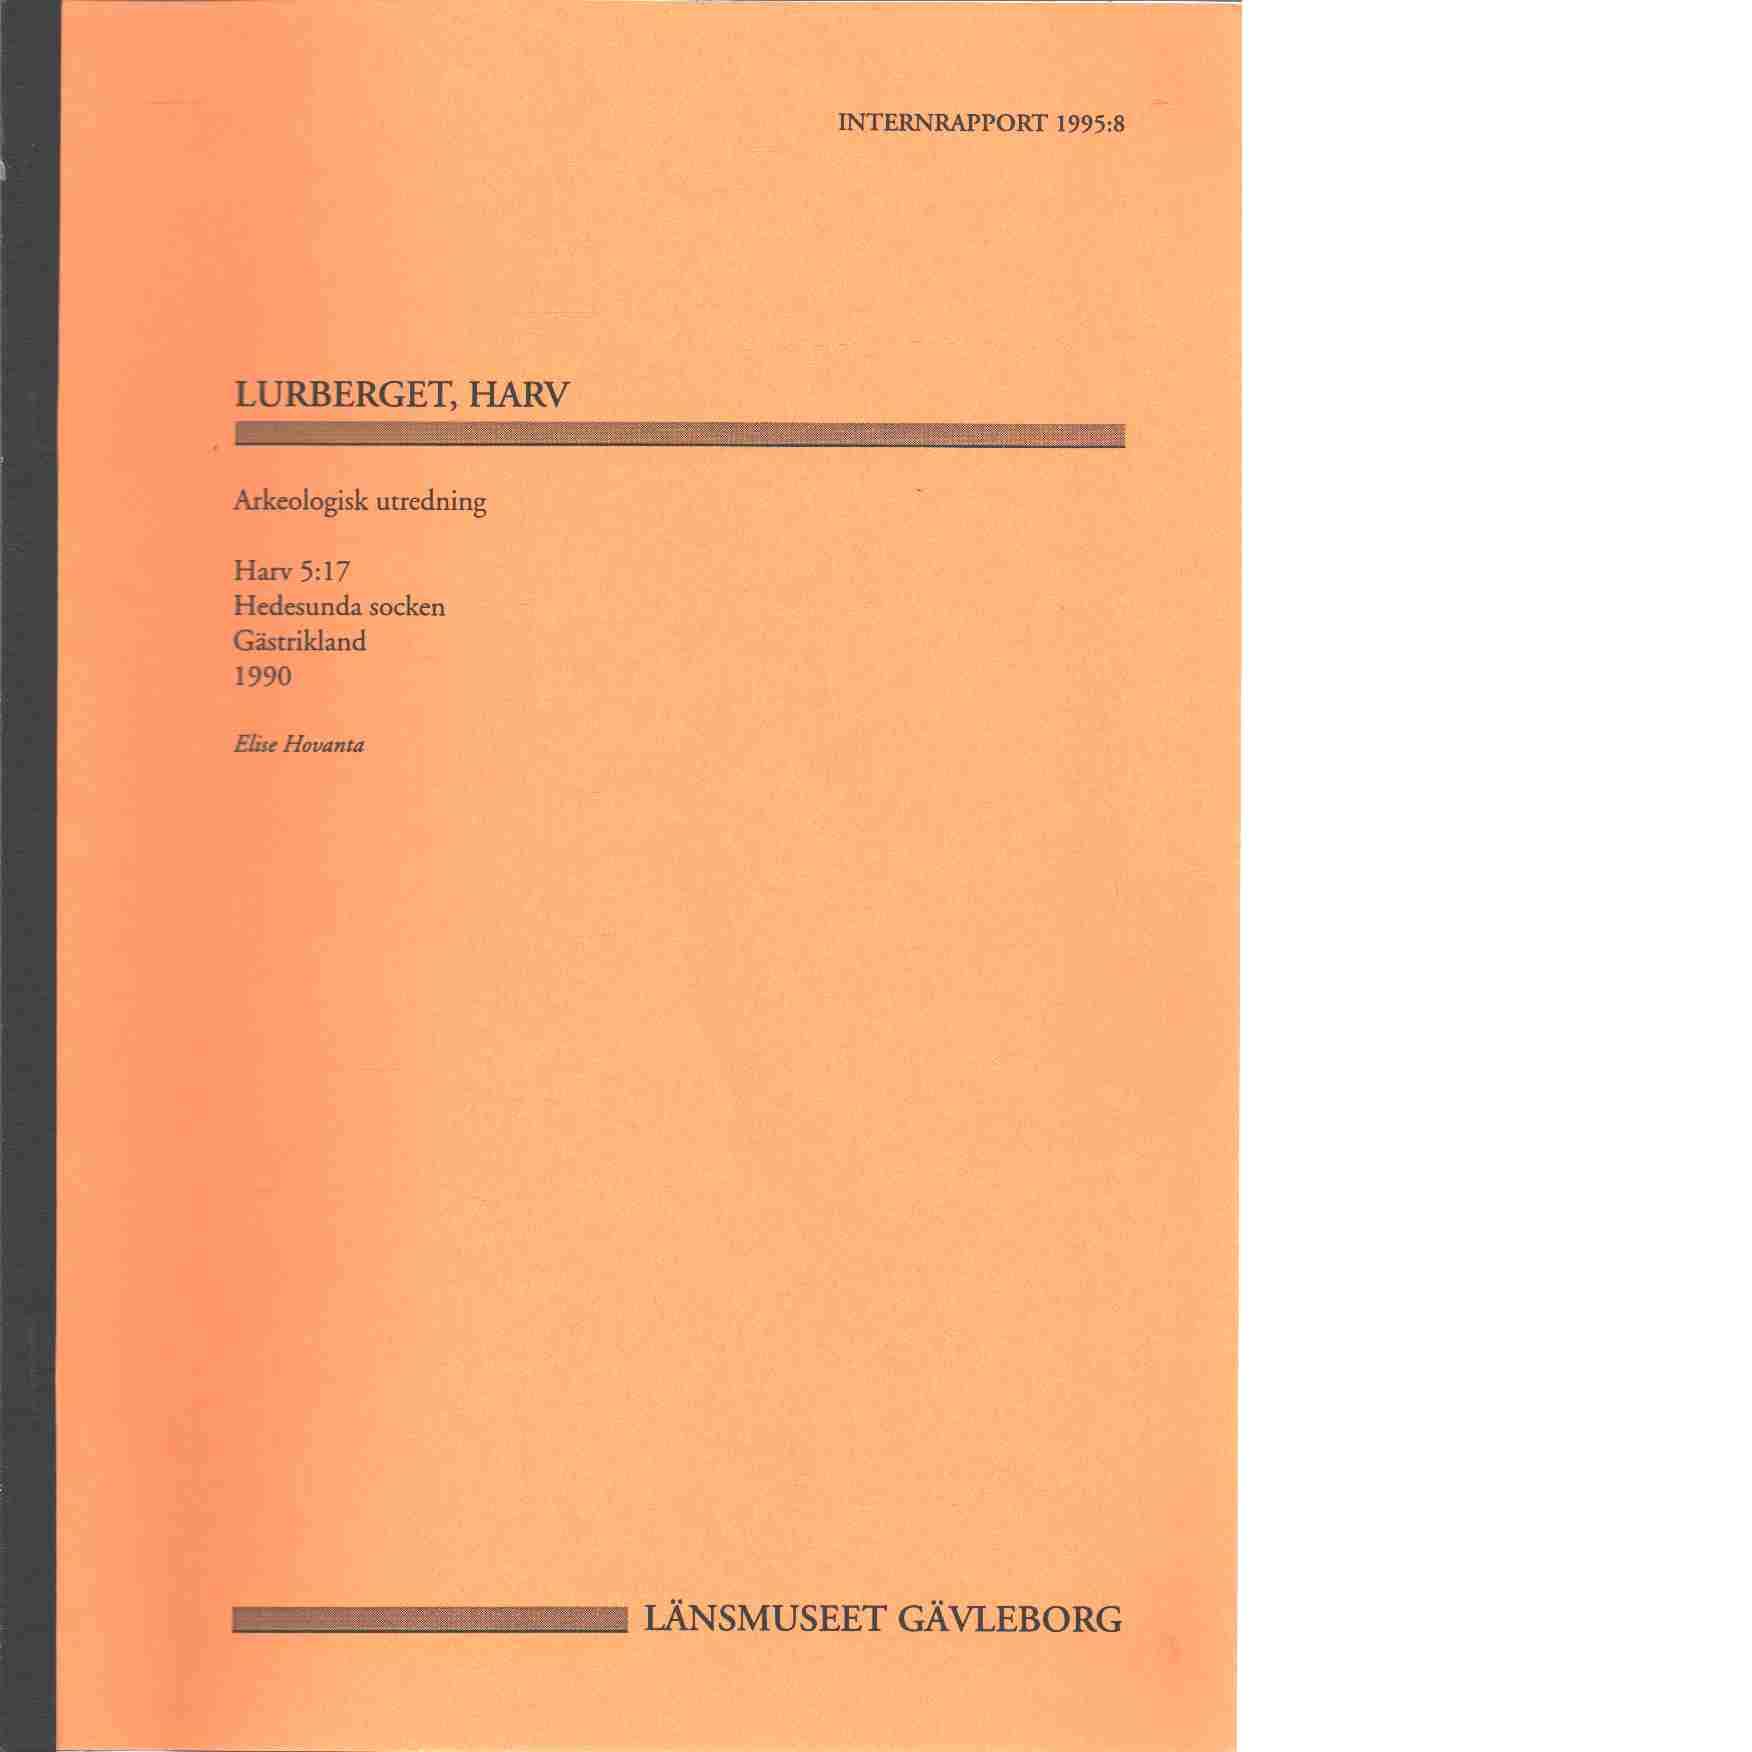 Lurberget, Harv - Elise Hovanta